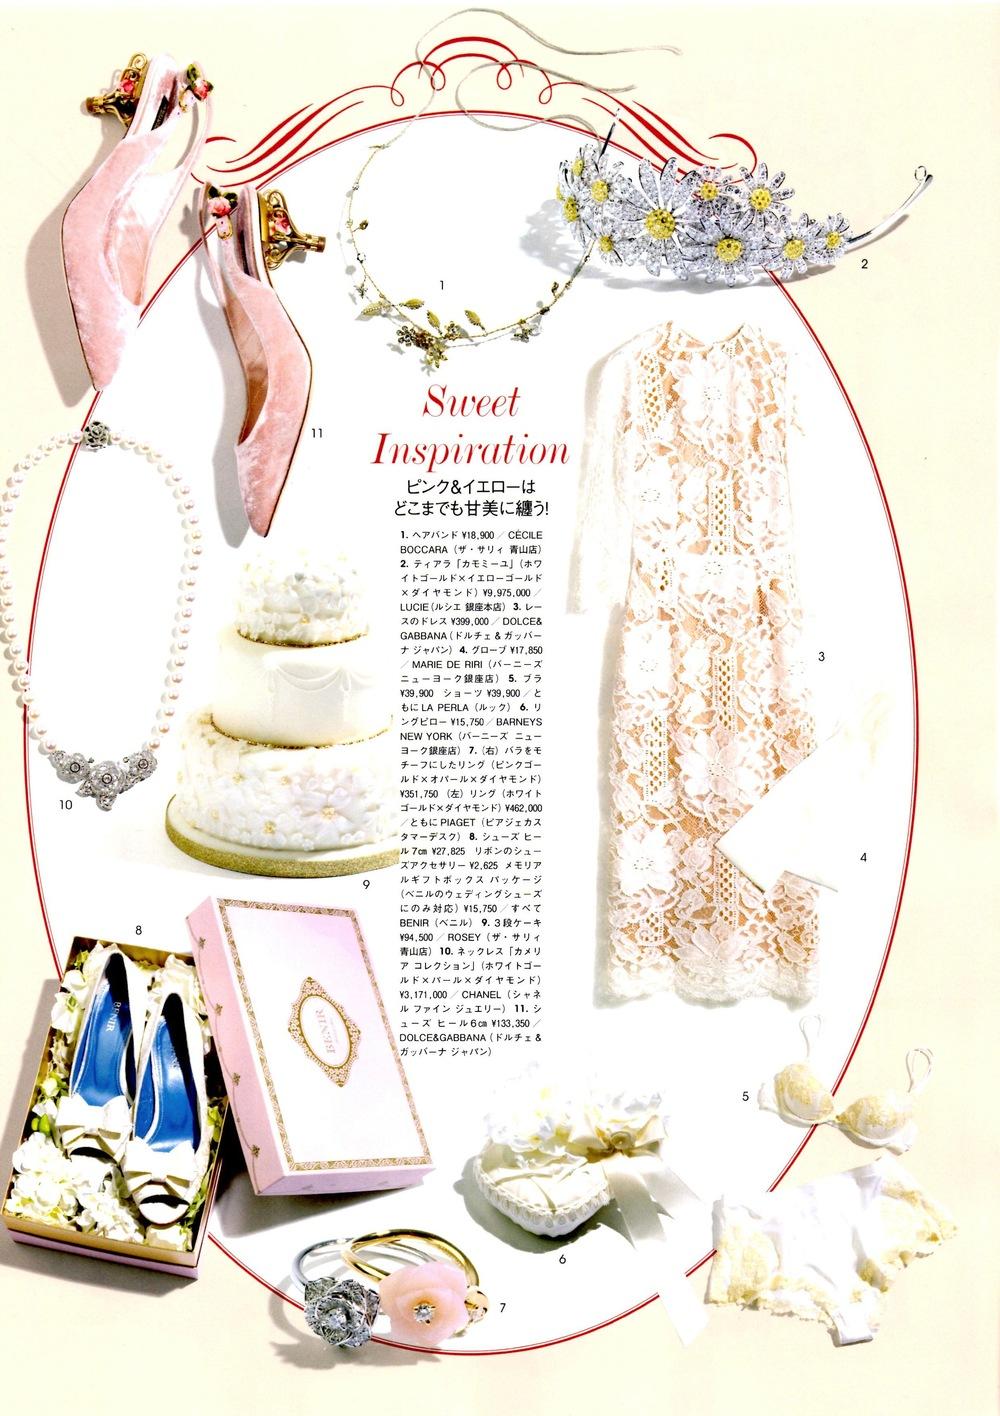 VOGUE JAPAN 月号  THE SURREYさんにてお取り扱い中のWHITE FLOWER・ウエディングケーキをご紹介いただきました。